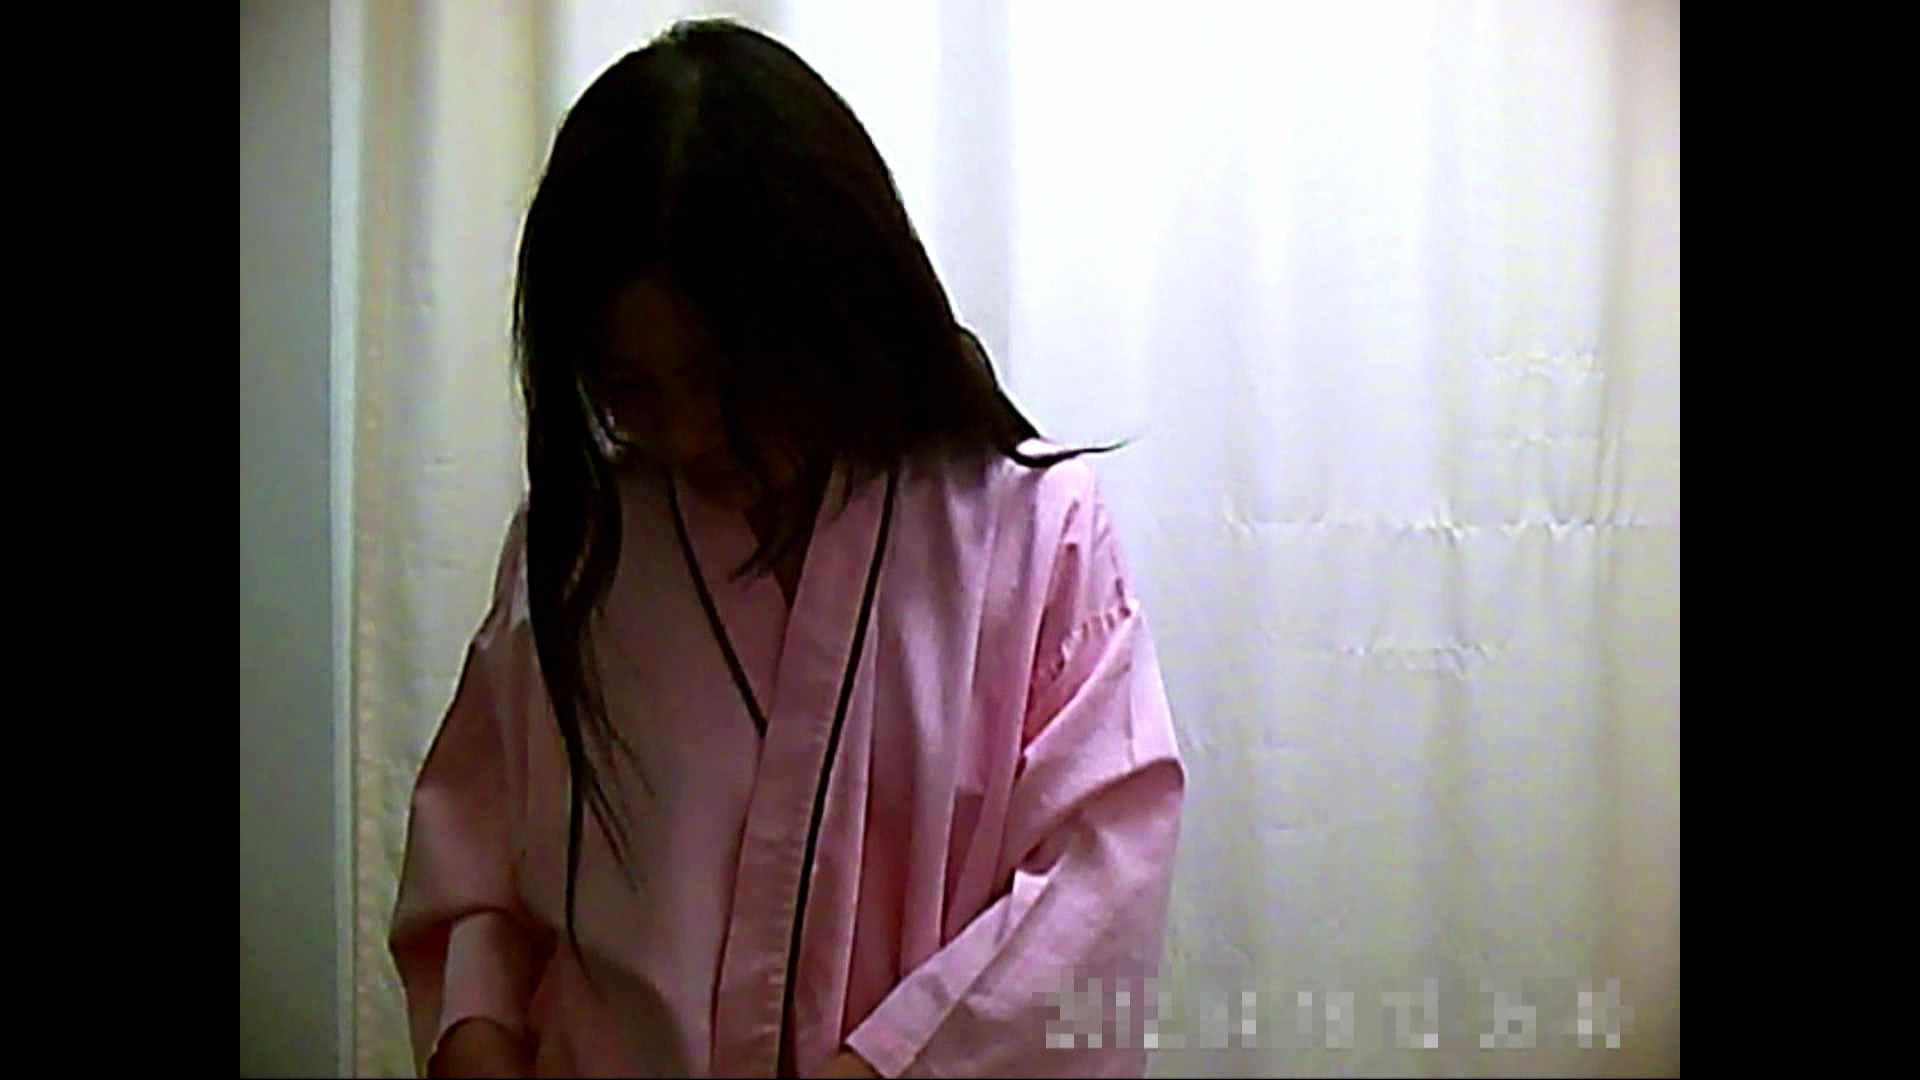 元医者による反抗 更衣室地獄絵巻 vol.015 お姉さんのSEX セックス画像 99枚 11